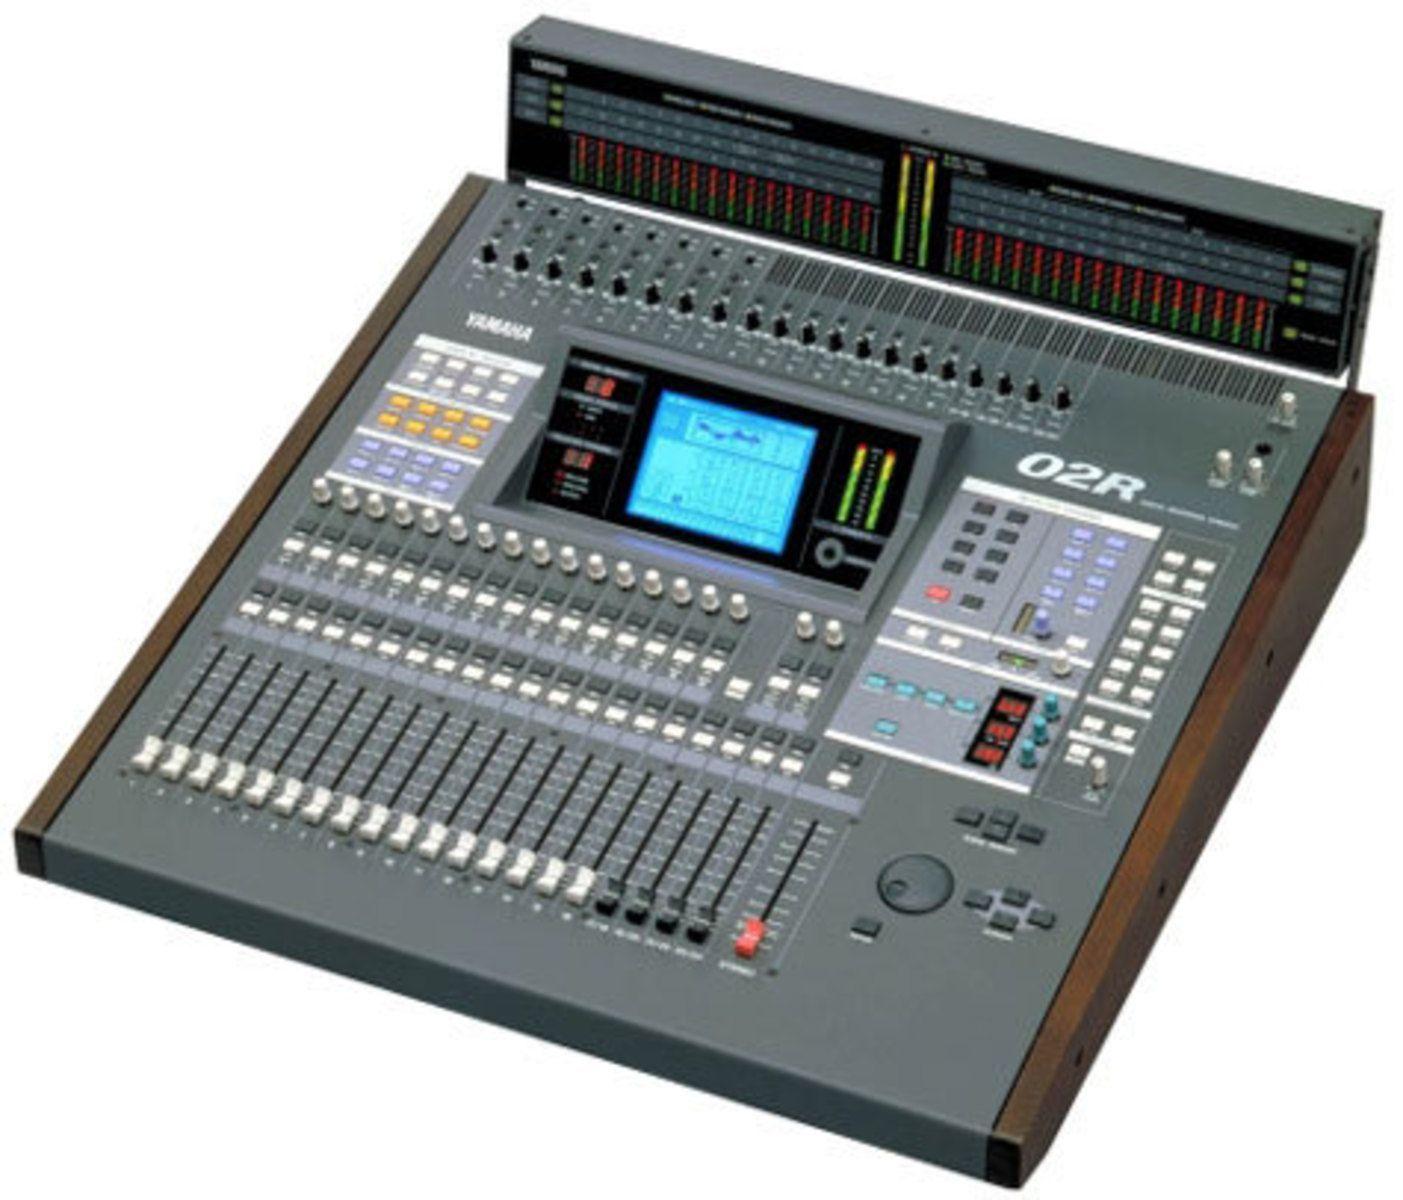 yamaha 02r v2 image 35418 audiofanzine rh en audiofanzine com yamaha o2r manual yamaha 02r manuel